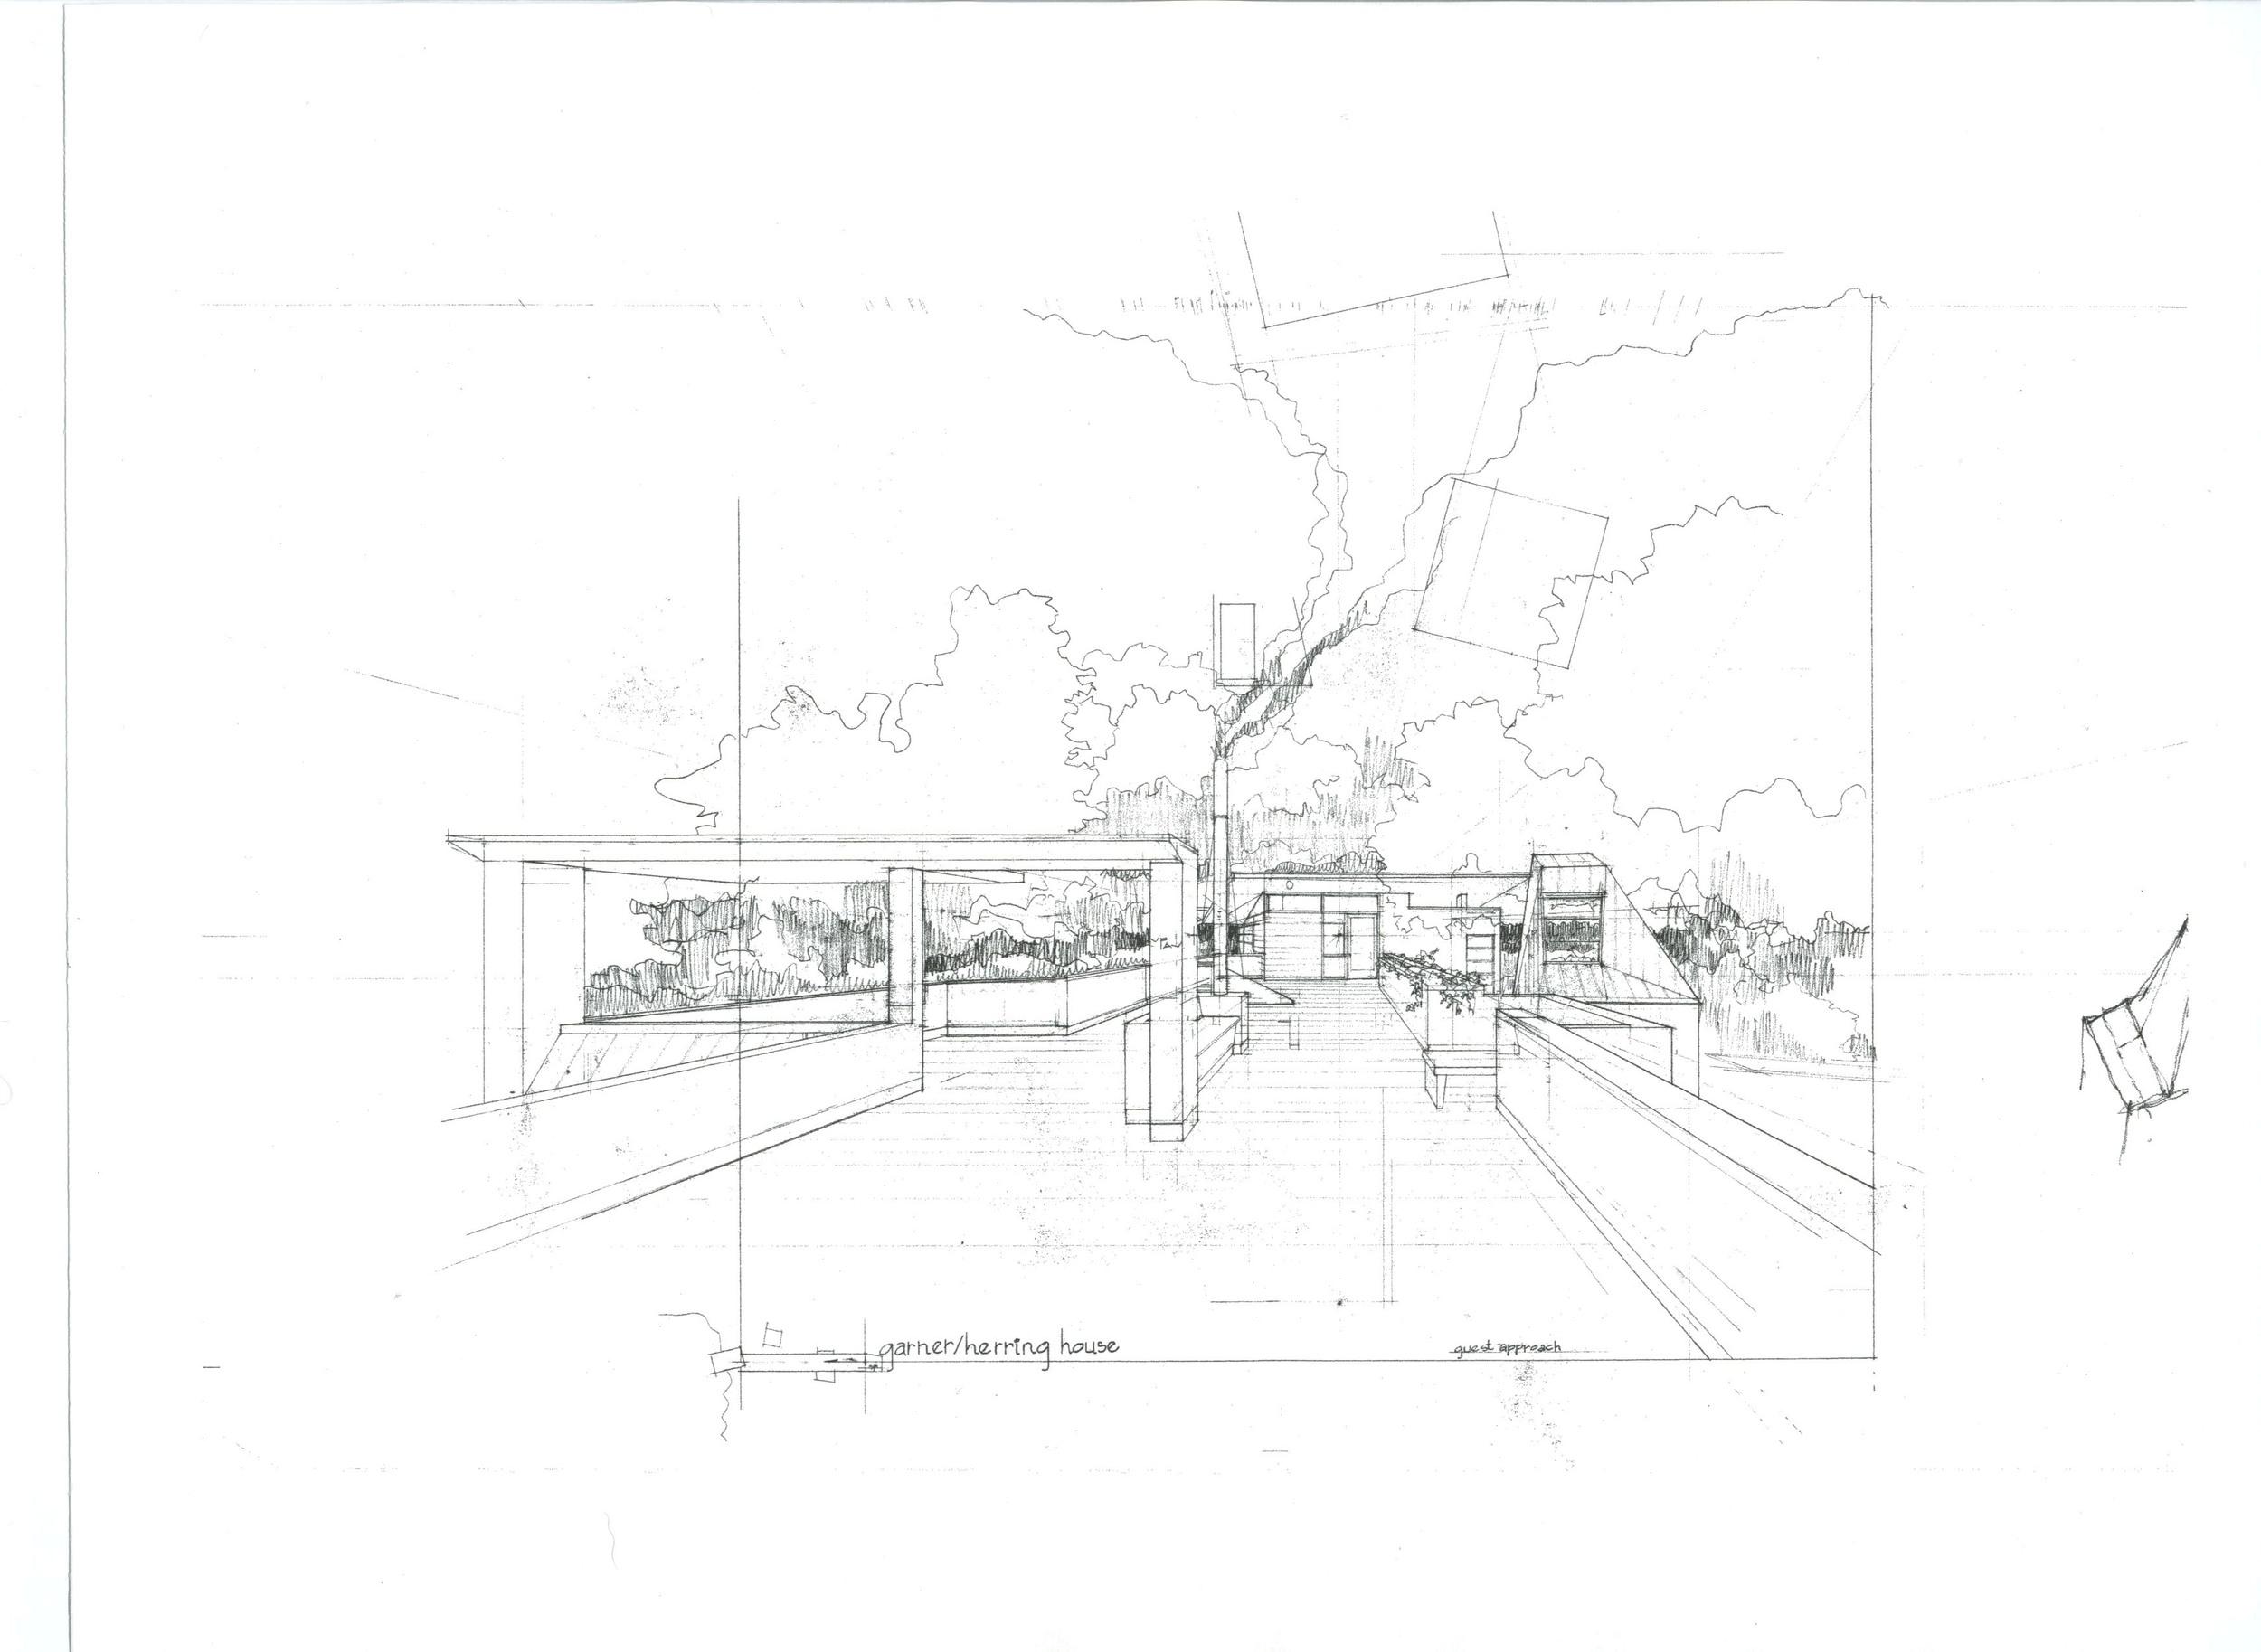 Garner Herring House Concept Sketch